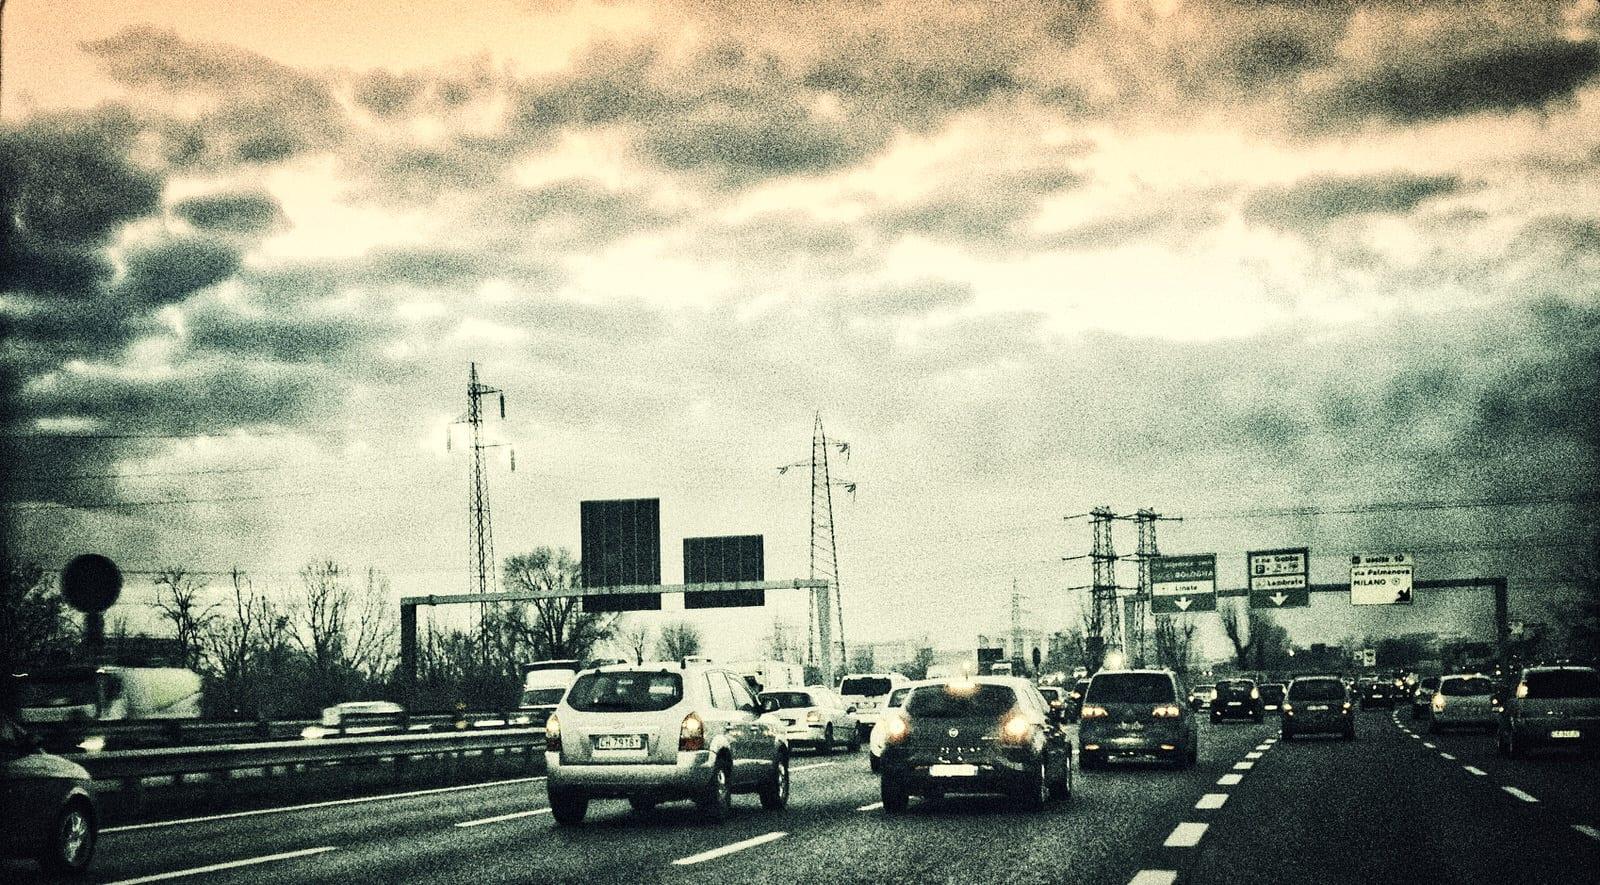 macchine in autostrada, tutti abbaiamo fiducia in noi stessi, altrimenti non guideremmo